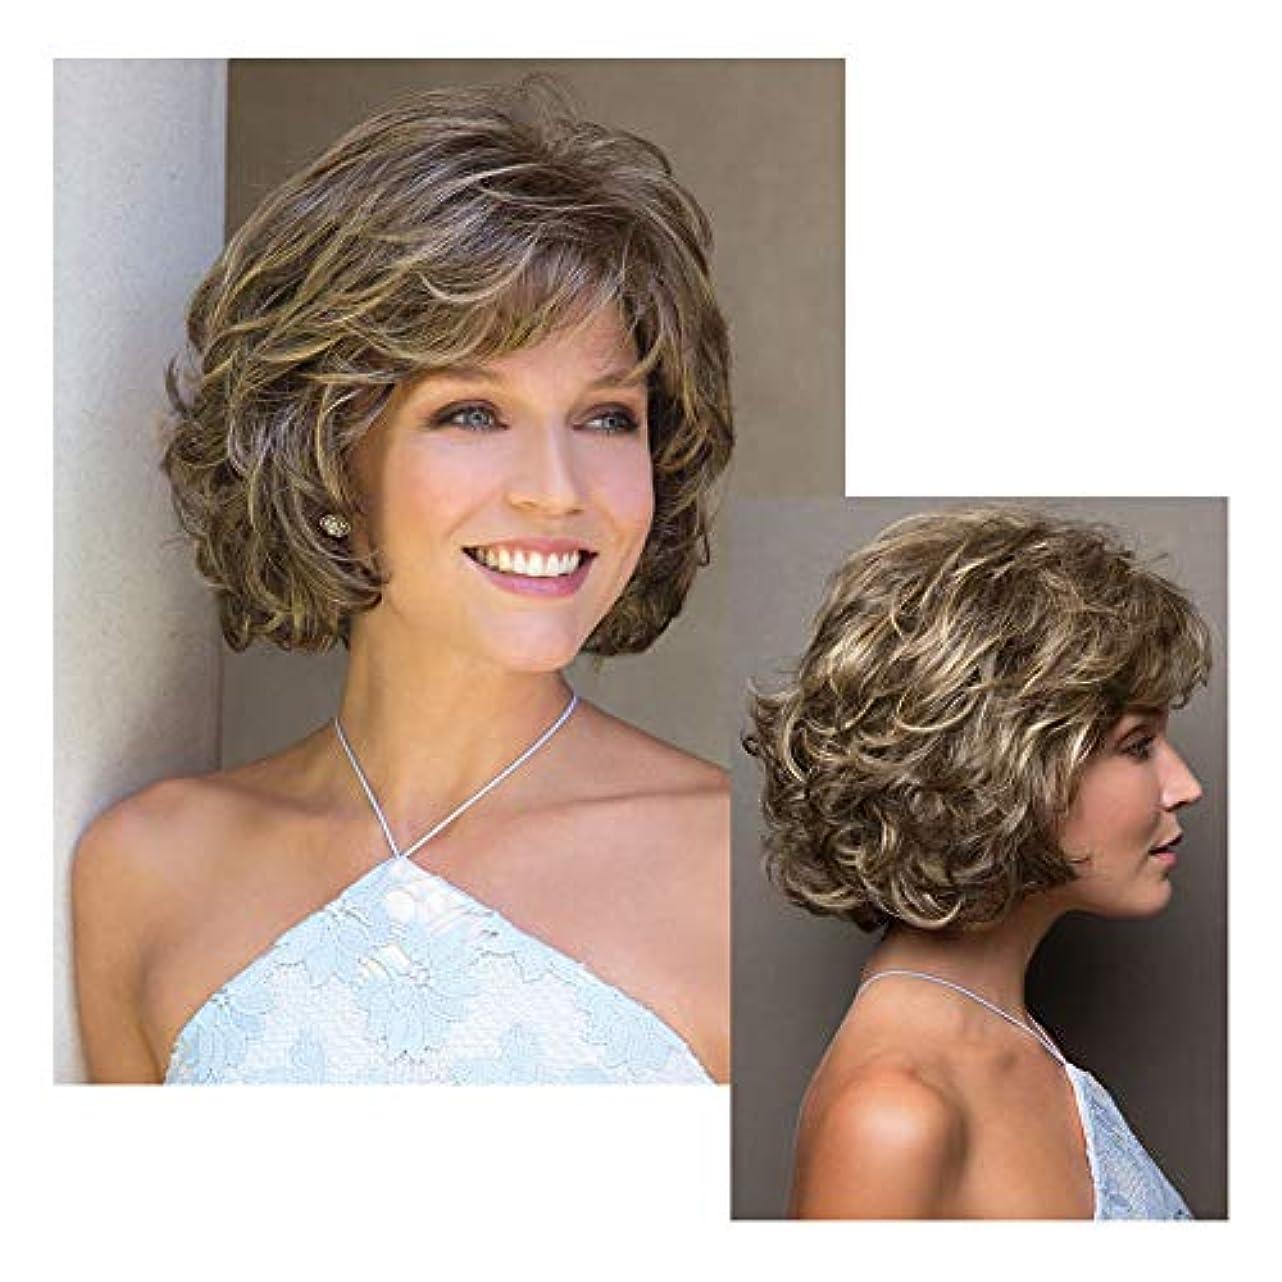 衝撃リングレットおとうさん女性用フルウィッグ、10 ``自然な茶色がかった黄色の短い巻き毛の毎日のドレスコスプレパーティーヘアピース